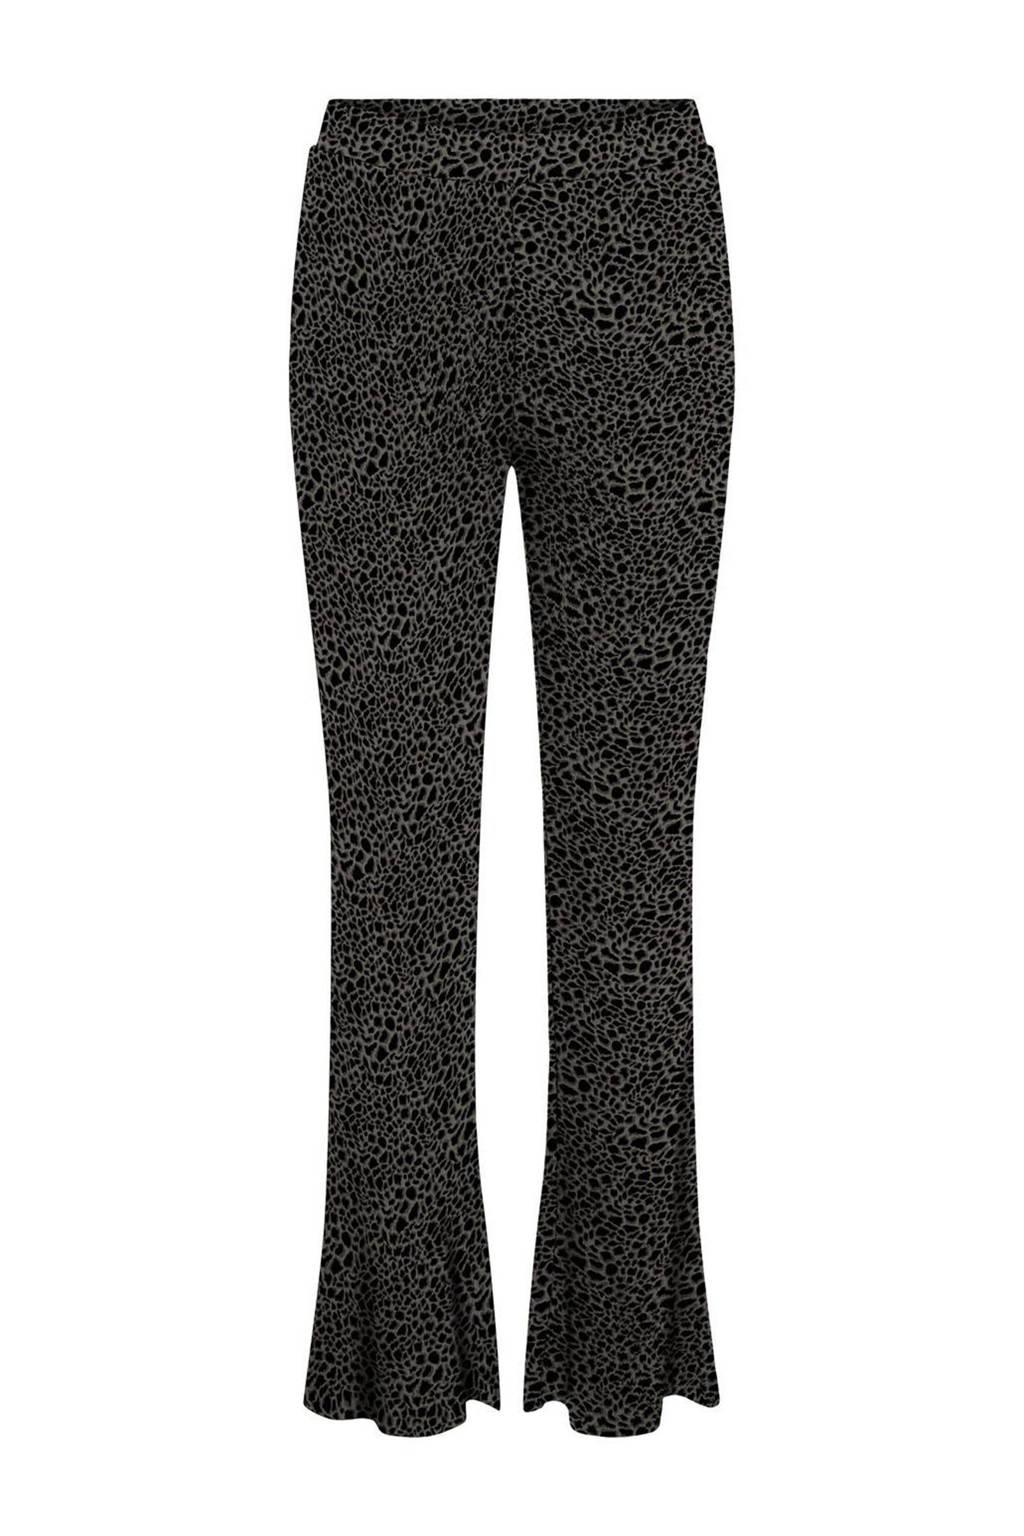 NOISY MAY high waist flared broek NMSOFIE  met biologisch katoen groen/zwart, Groen/zwart